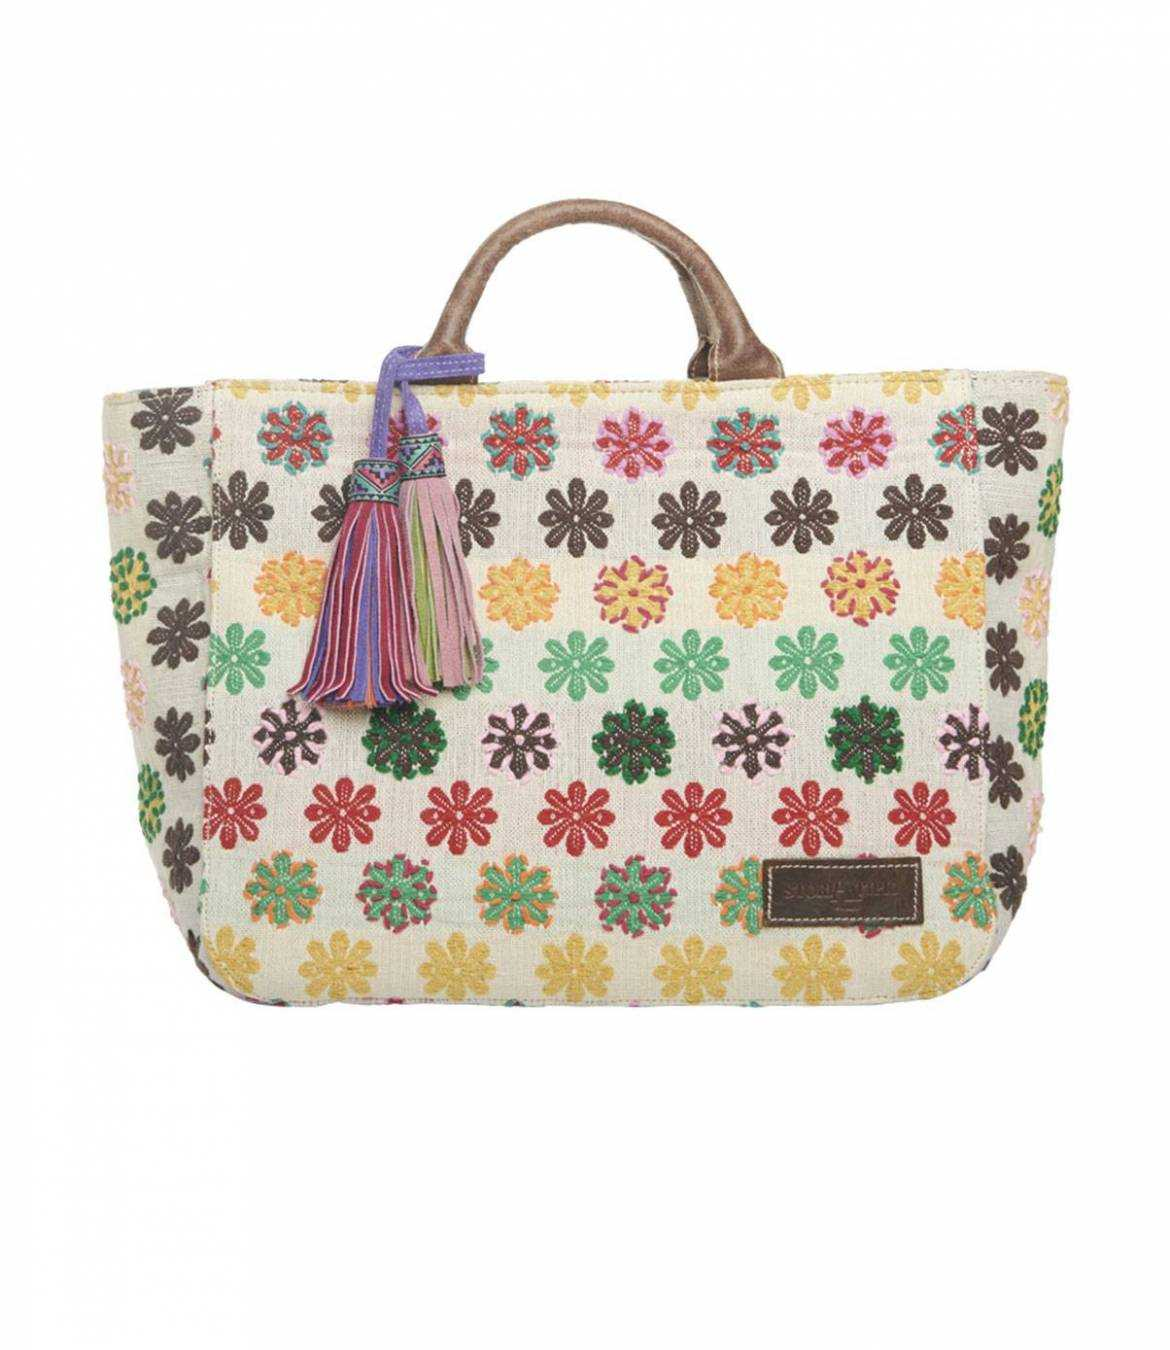 CITY Cotton Bag, Women's Leather 40x30x15 cm Storiatipic - 1